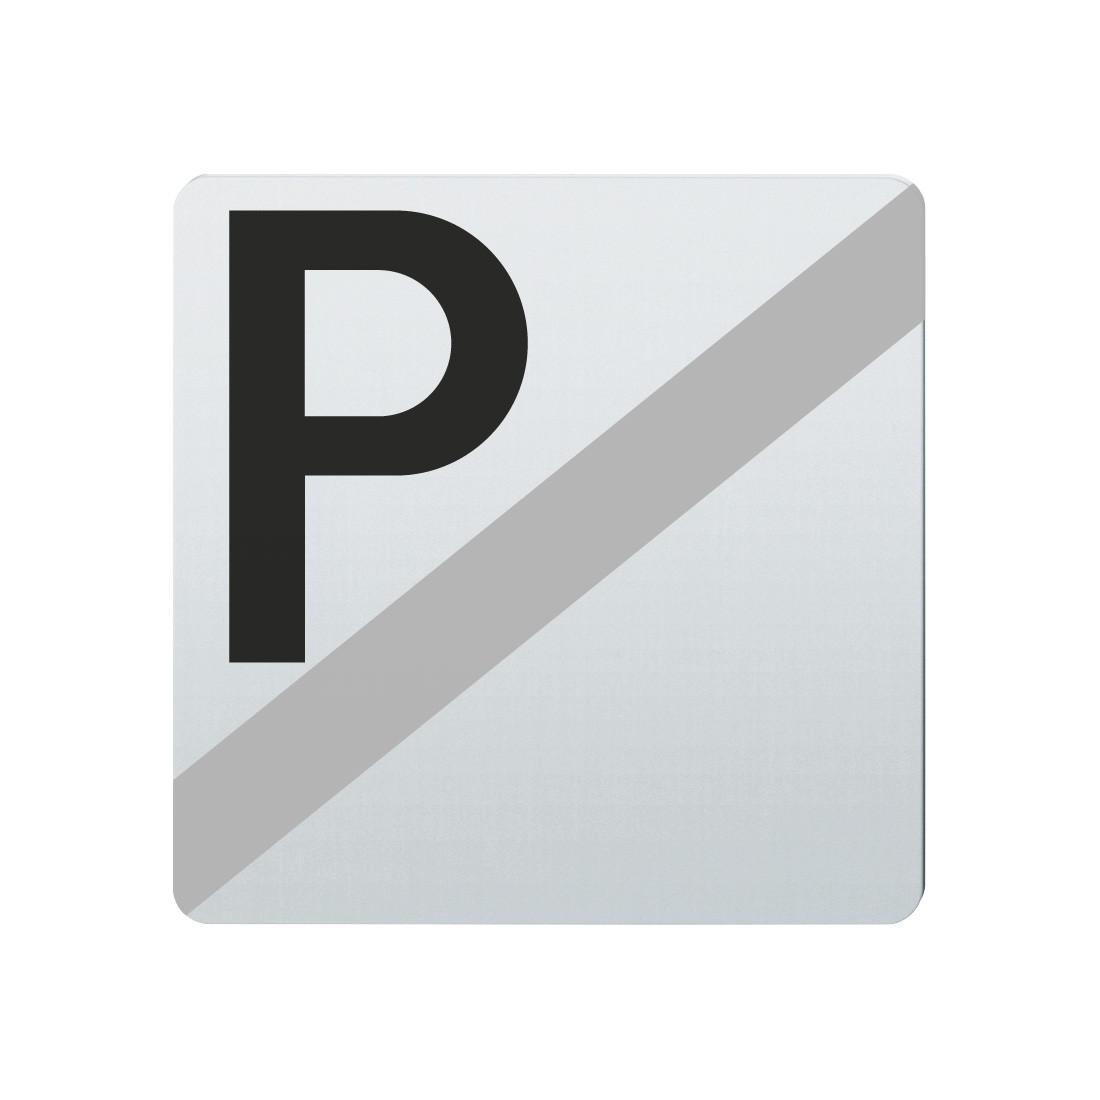 FSB Hinweiszeichen Parken verboten Lasergraviert Edelstahl fein matt (0 36 4059 00038 6204)